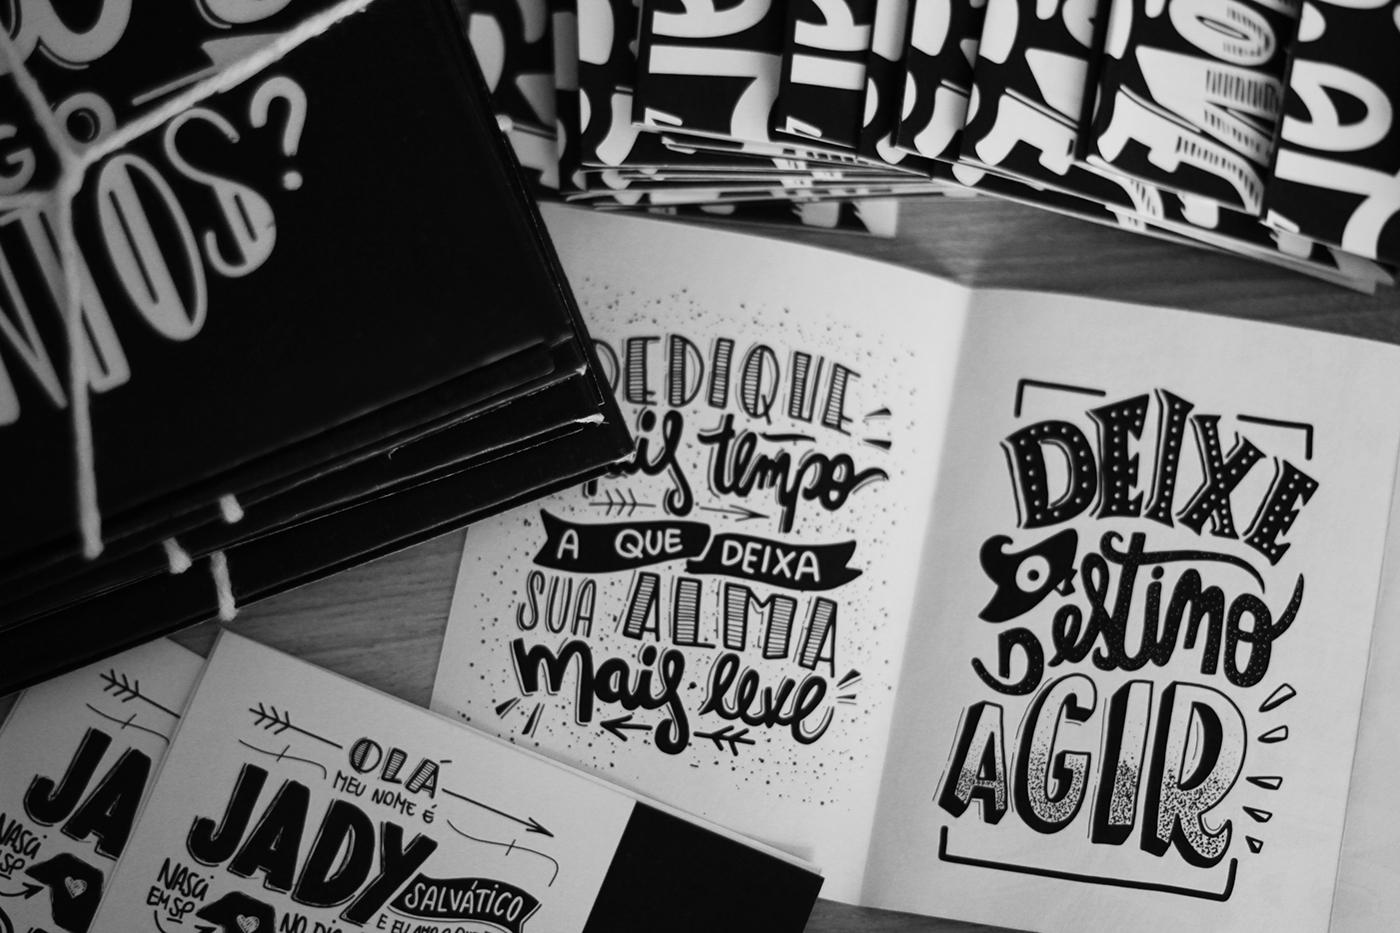 self ptomotion portfolio curriculum graphic design  Ideia branding  CV print lettering